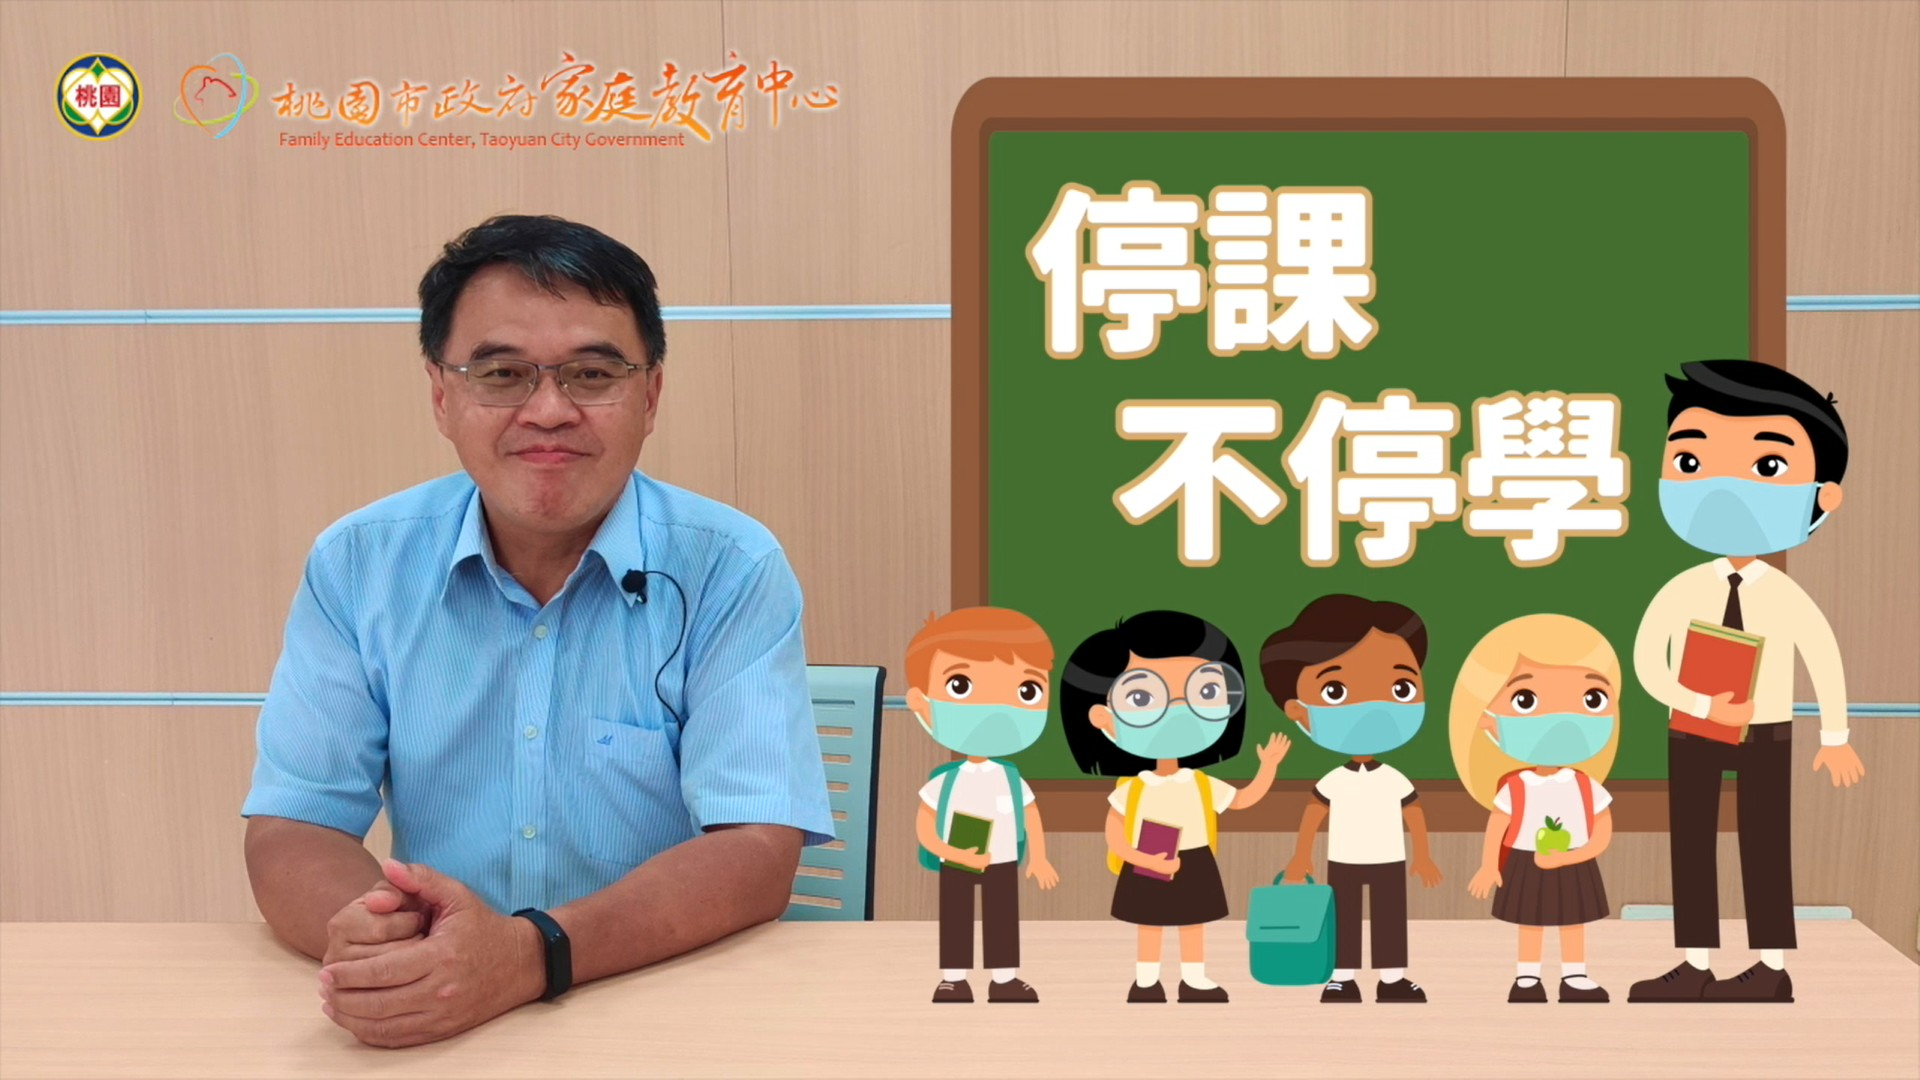 家長如何陪孩子線上學習-西門國小謝繼仁校長